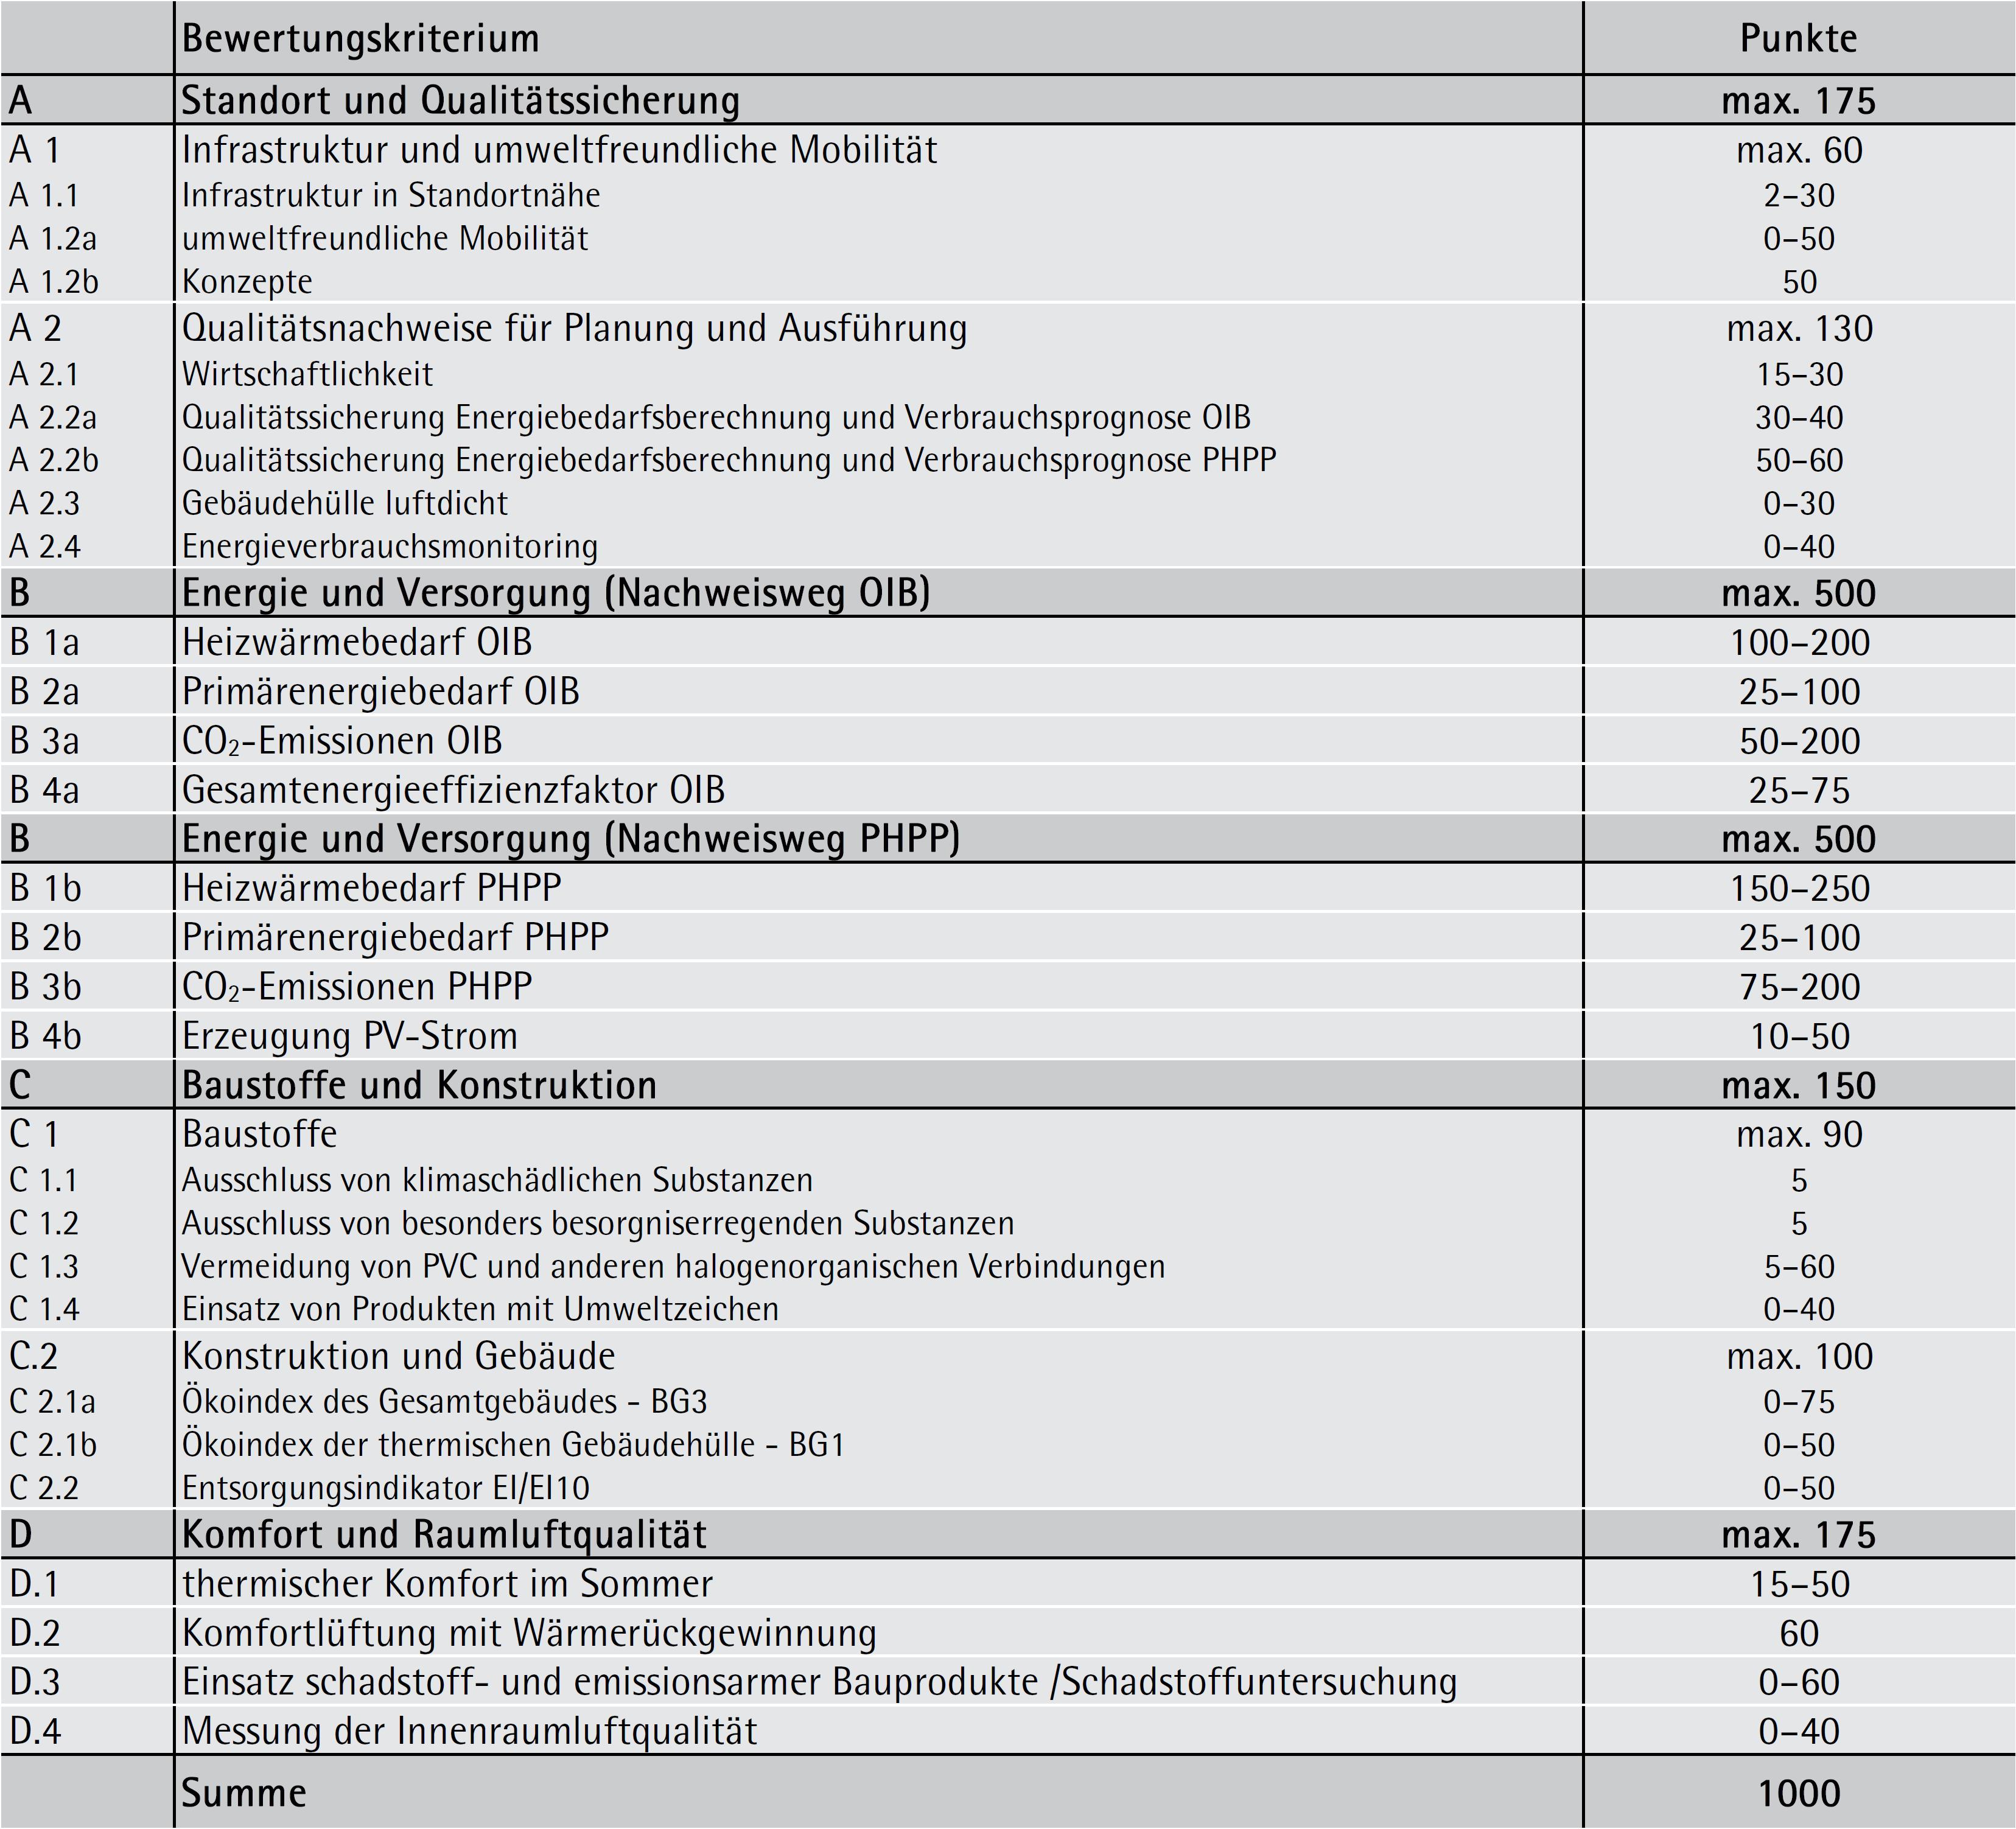 Gewichtung der klima:aktiv-Kriterien (vereinfacht)